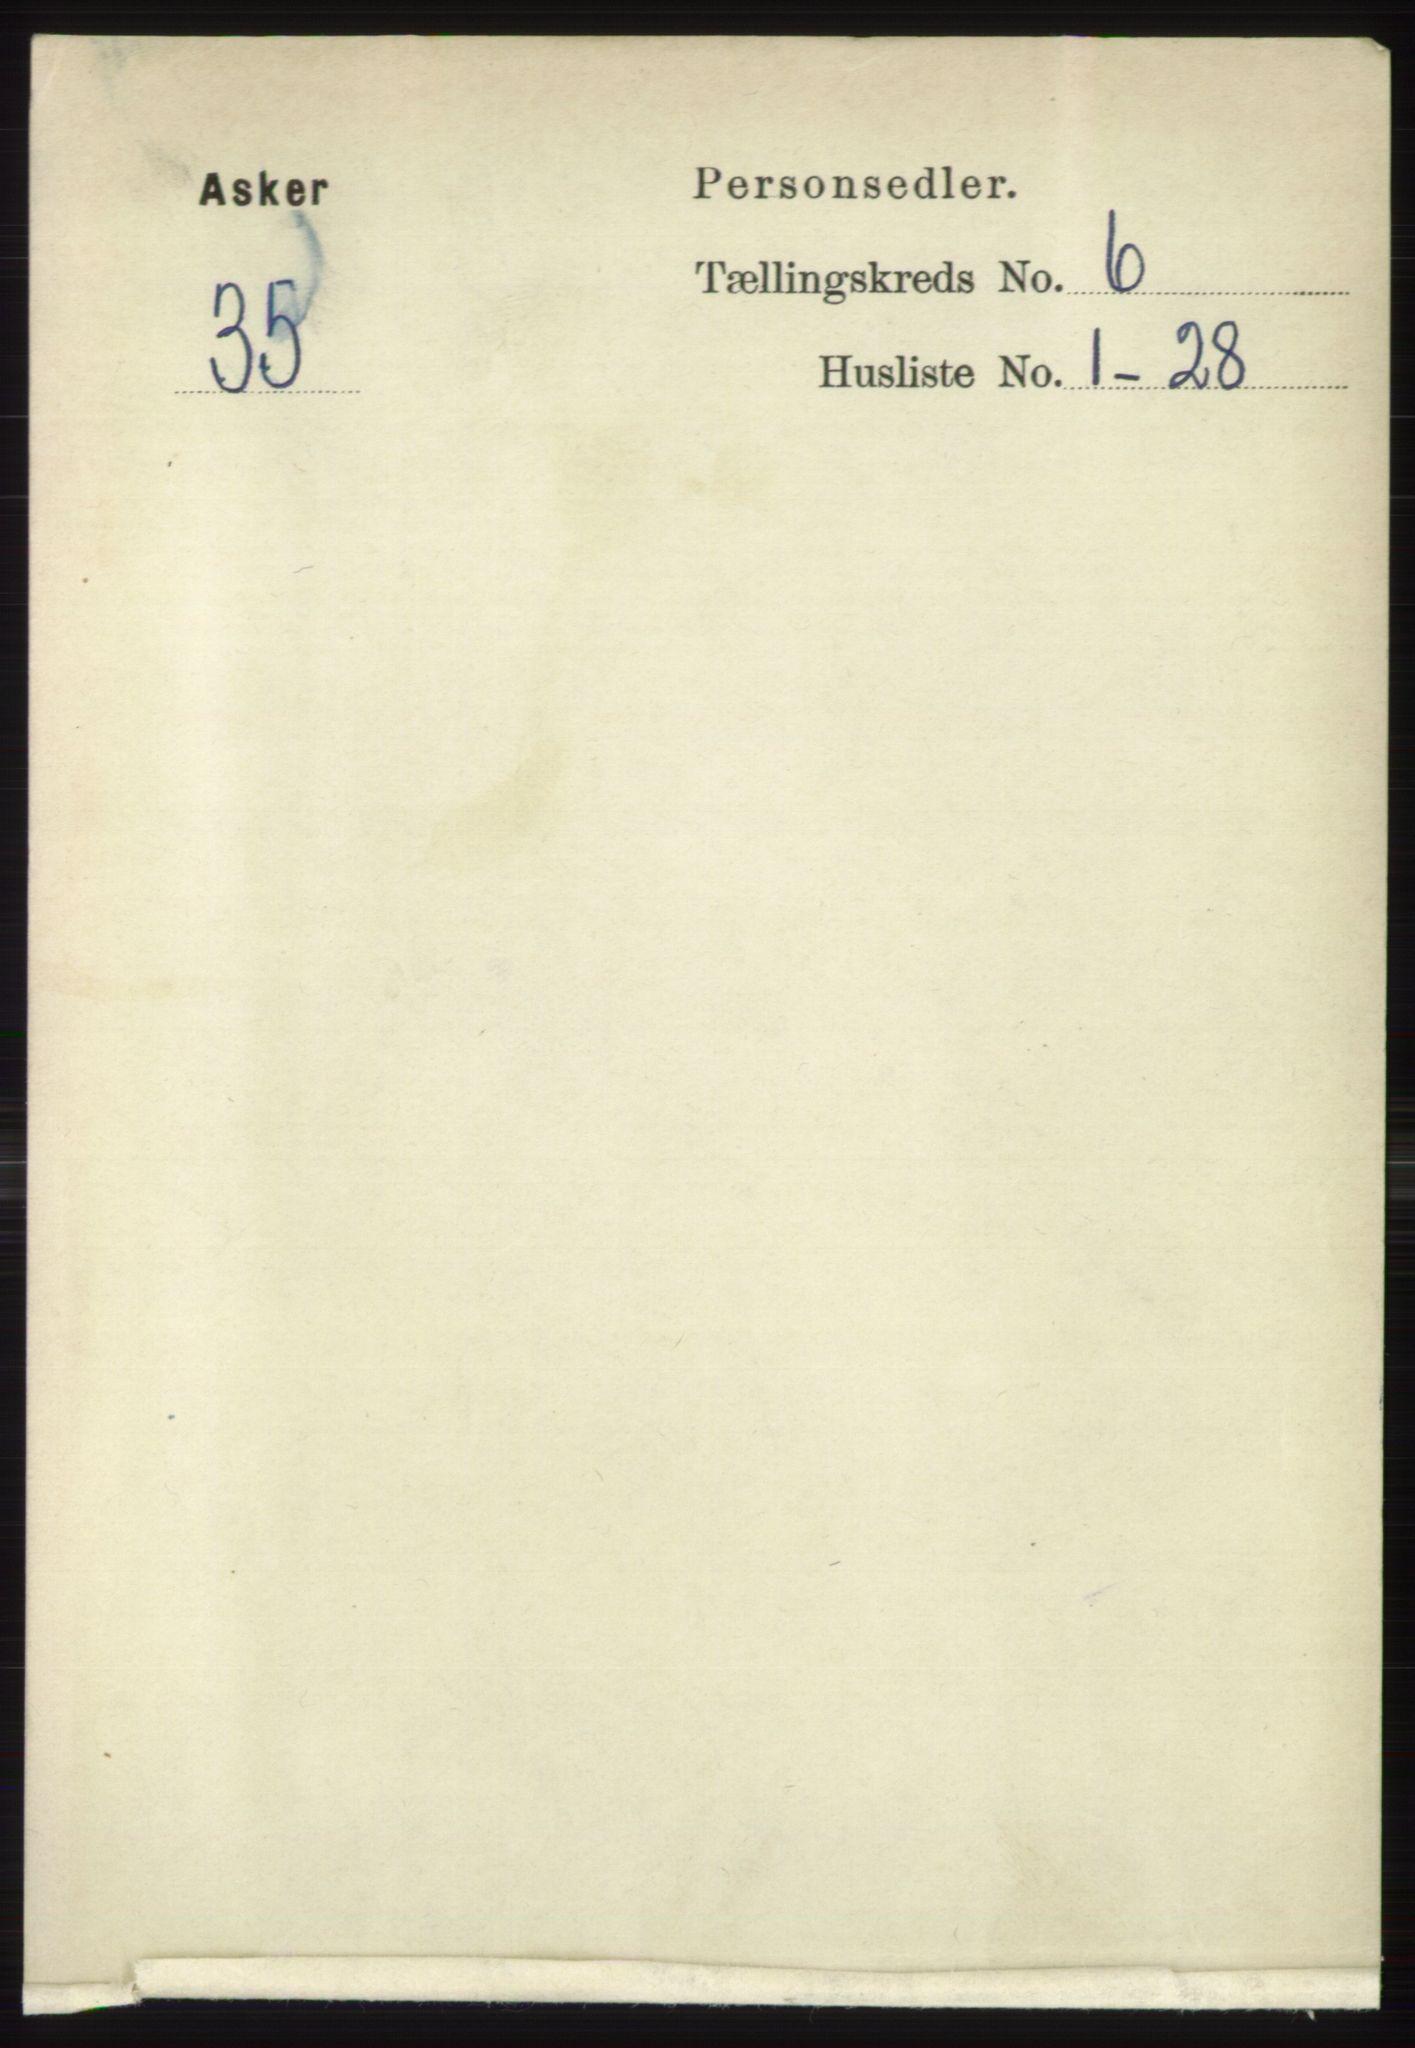 RA, Folketelling 1891 for 0220 Asker herred, 1891, s. 4159